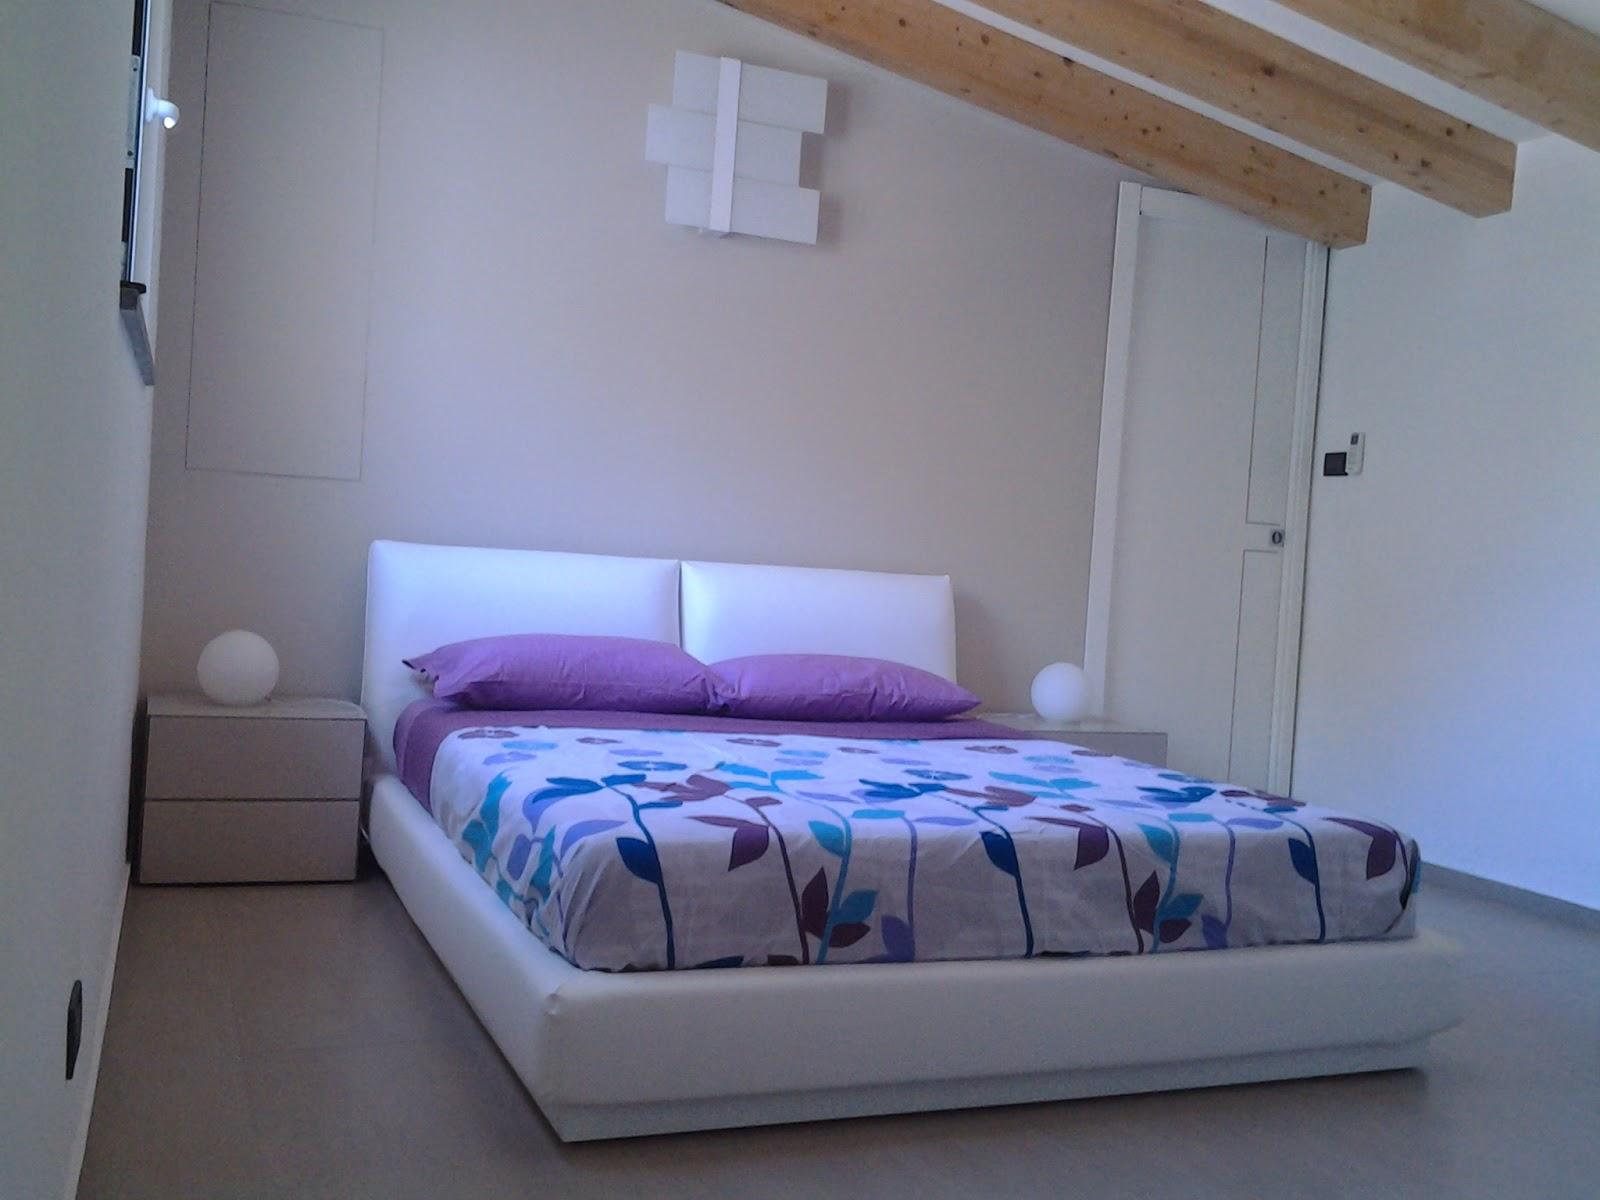 Architetto gaetano frud stanza da letto moderna - Camera da letto rustica moderna ...